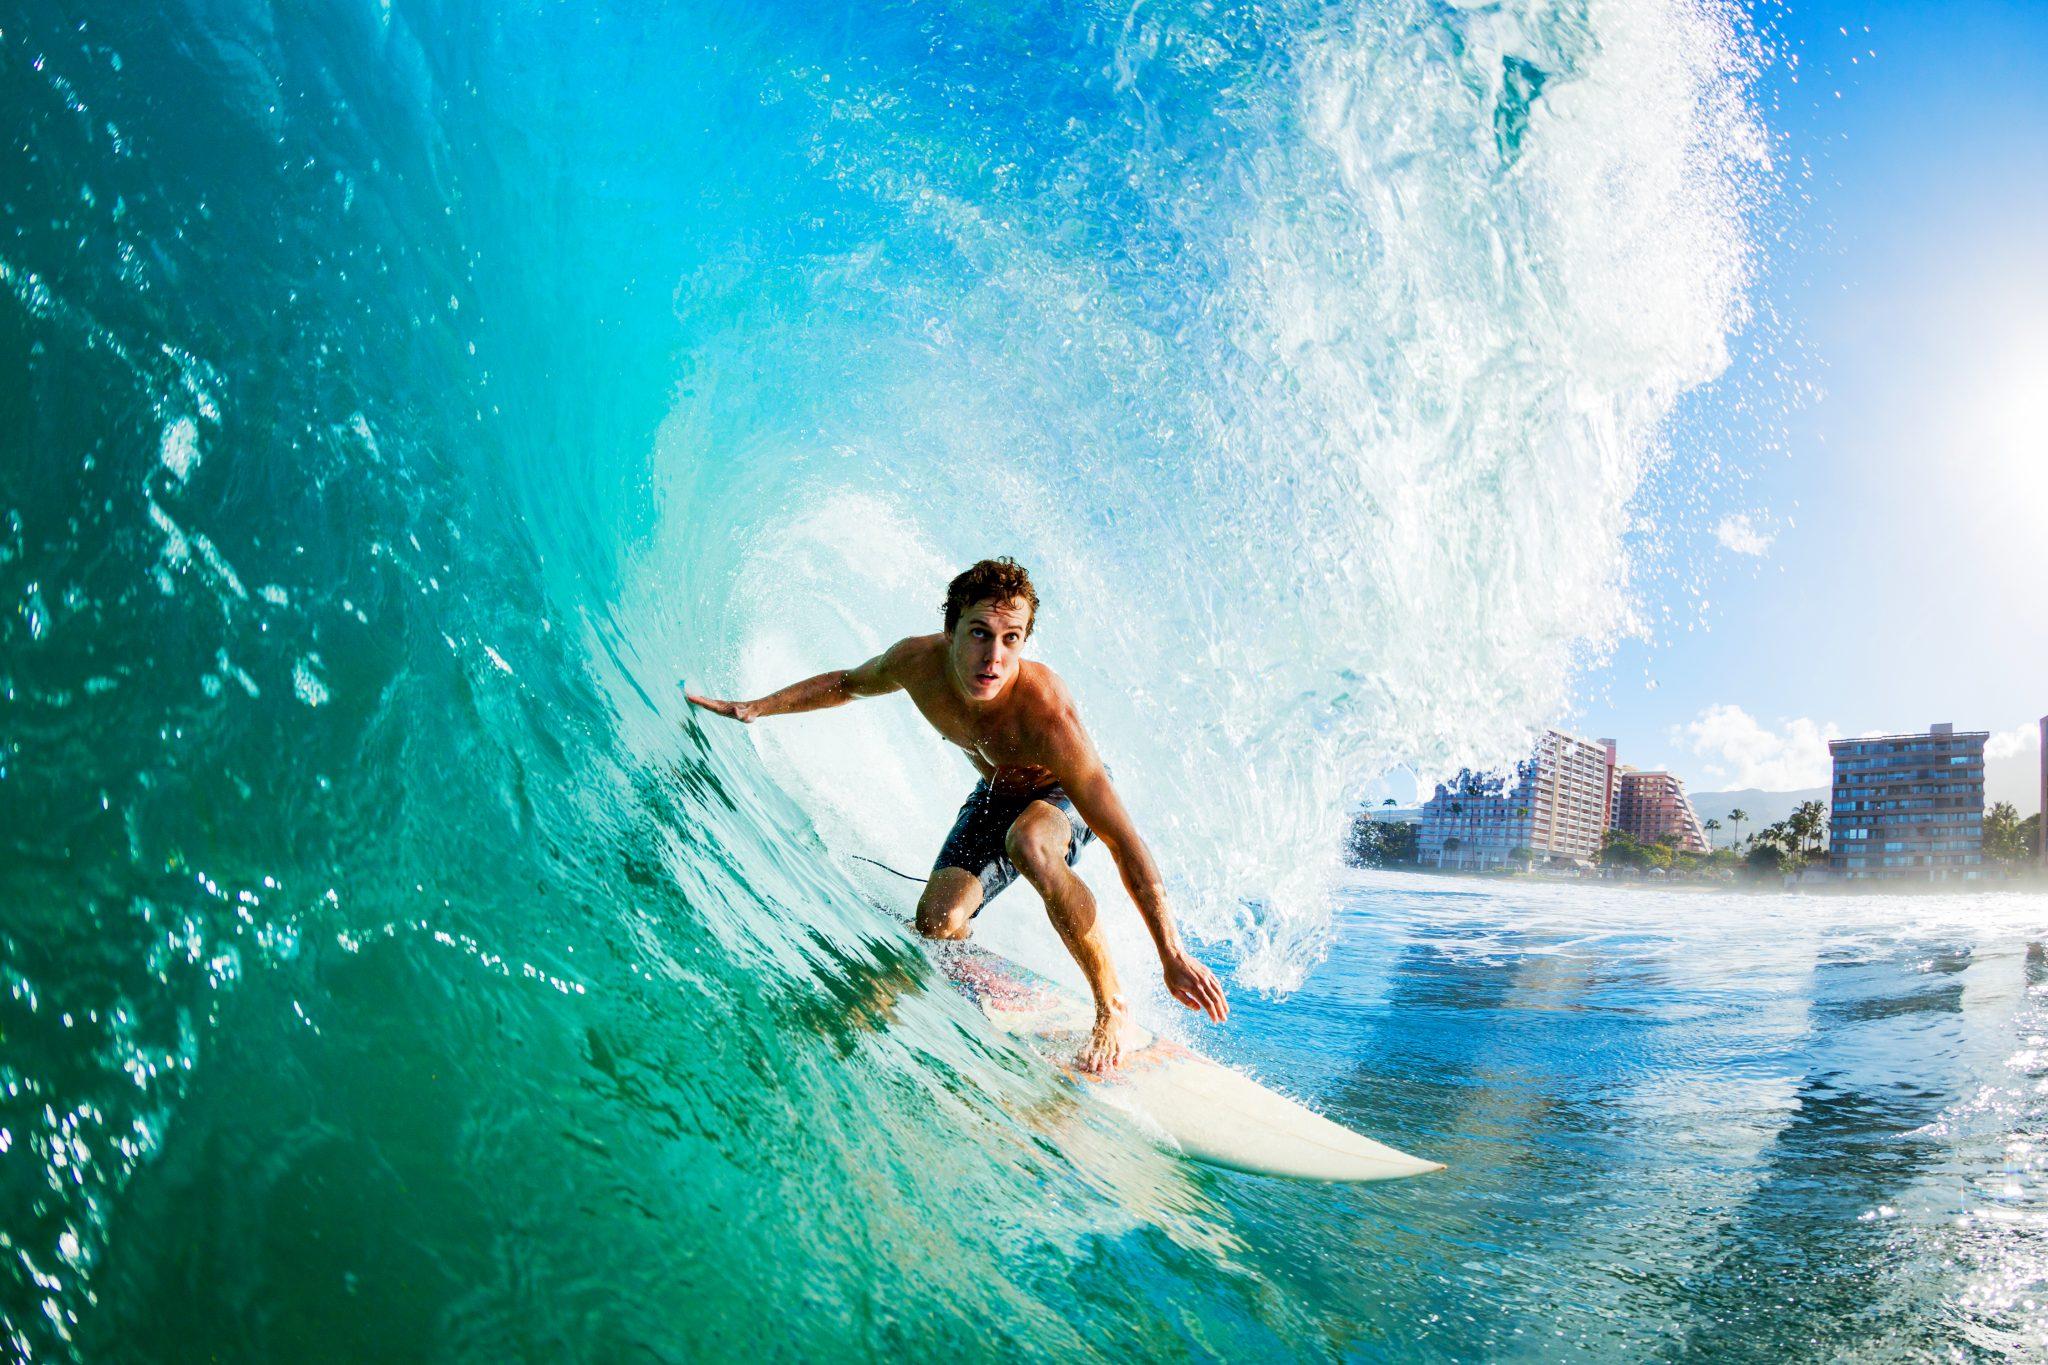 サーフィンで波に乗っている男性